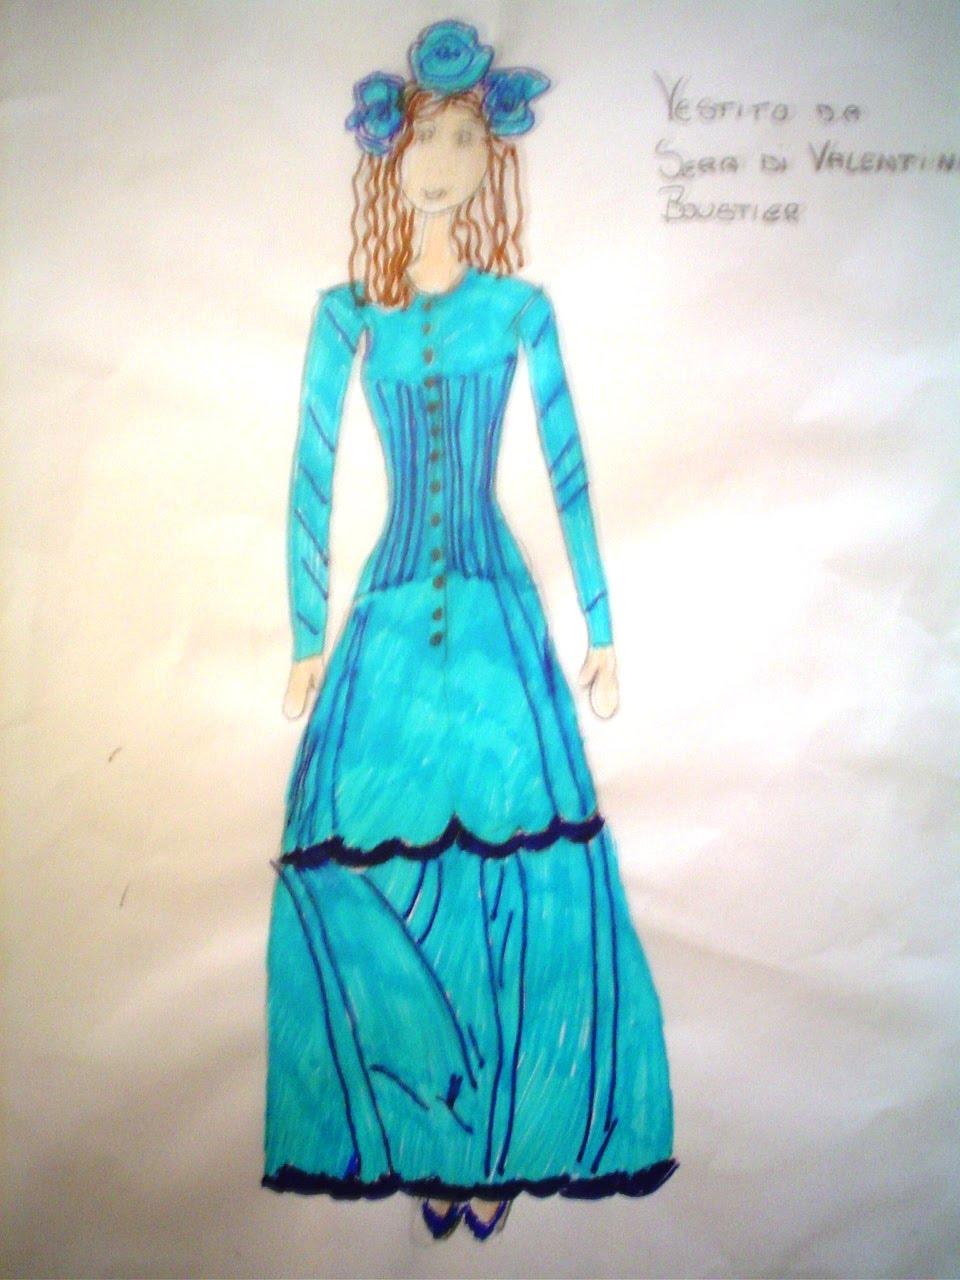 giulia 5, 9 anni, vestito da sera 09.jpg